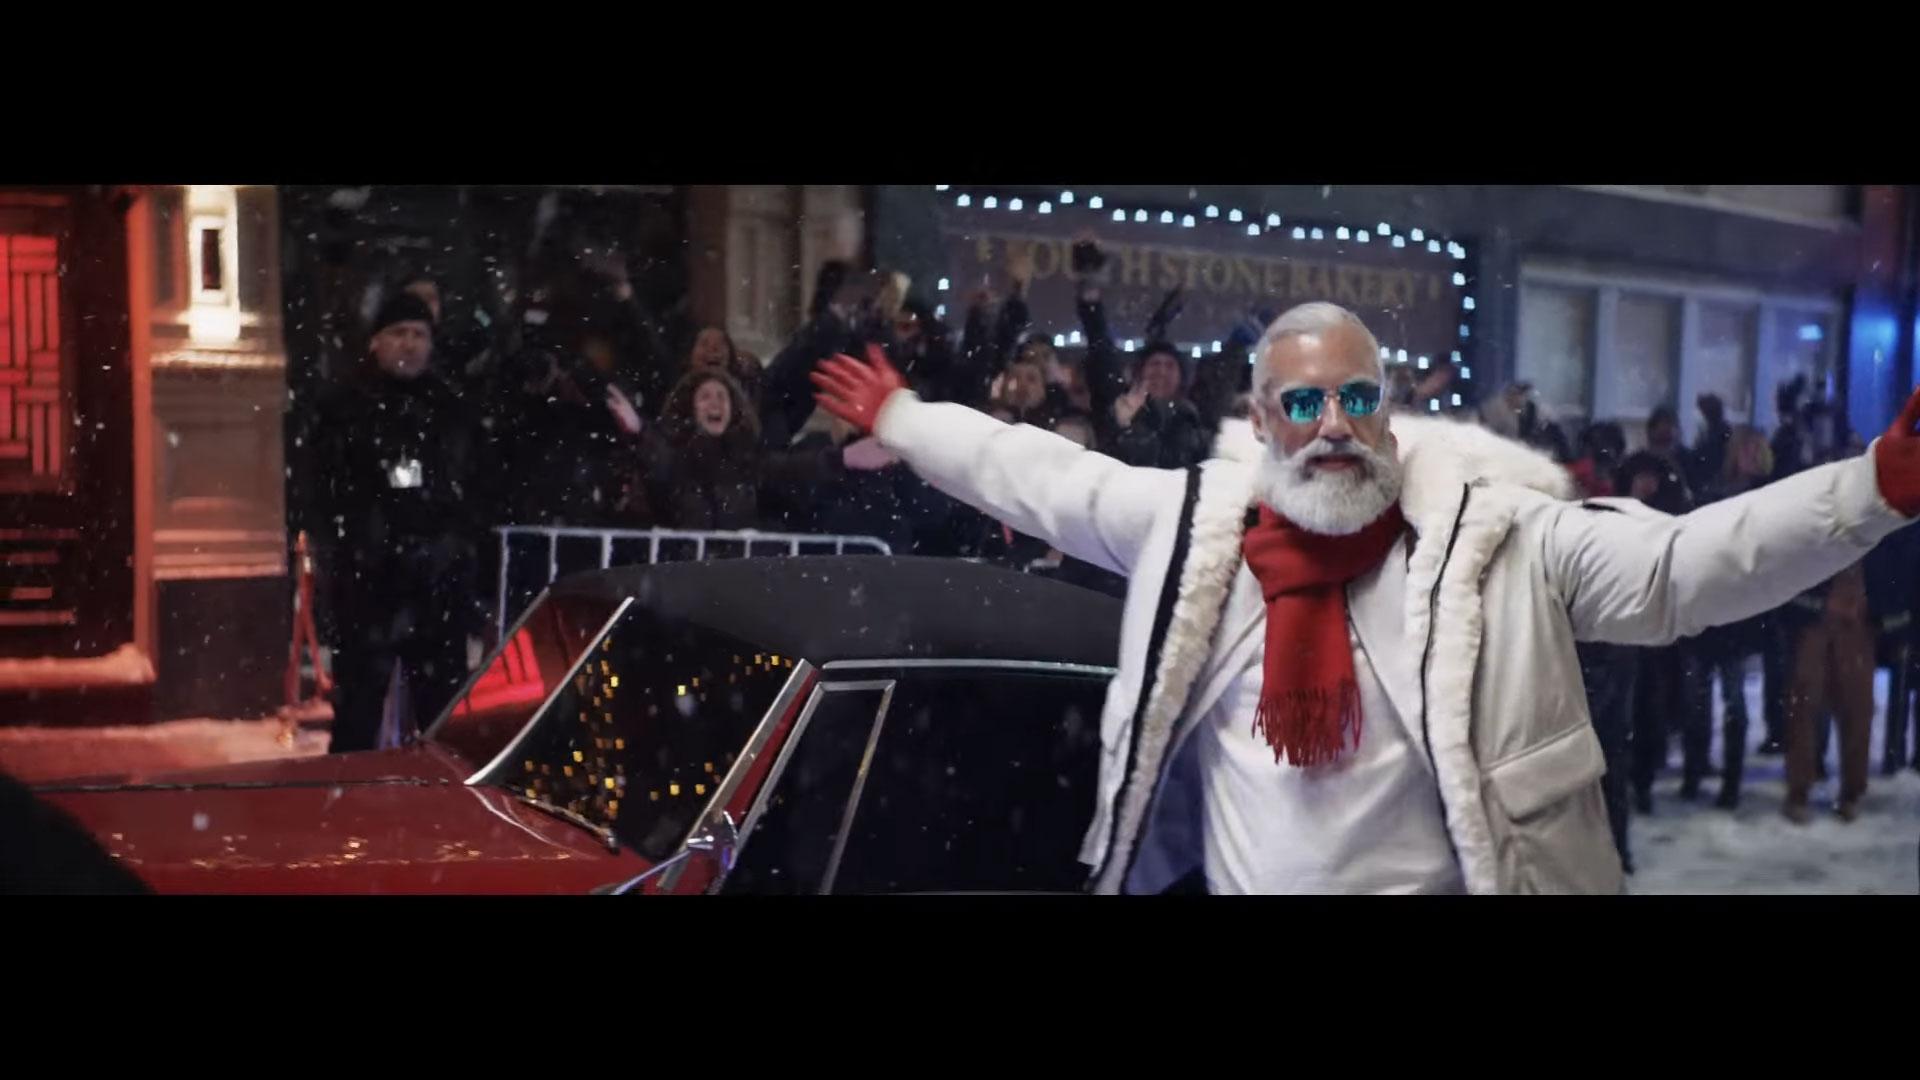 Der Fame geht an Santa